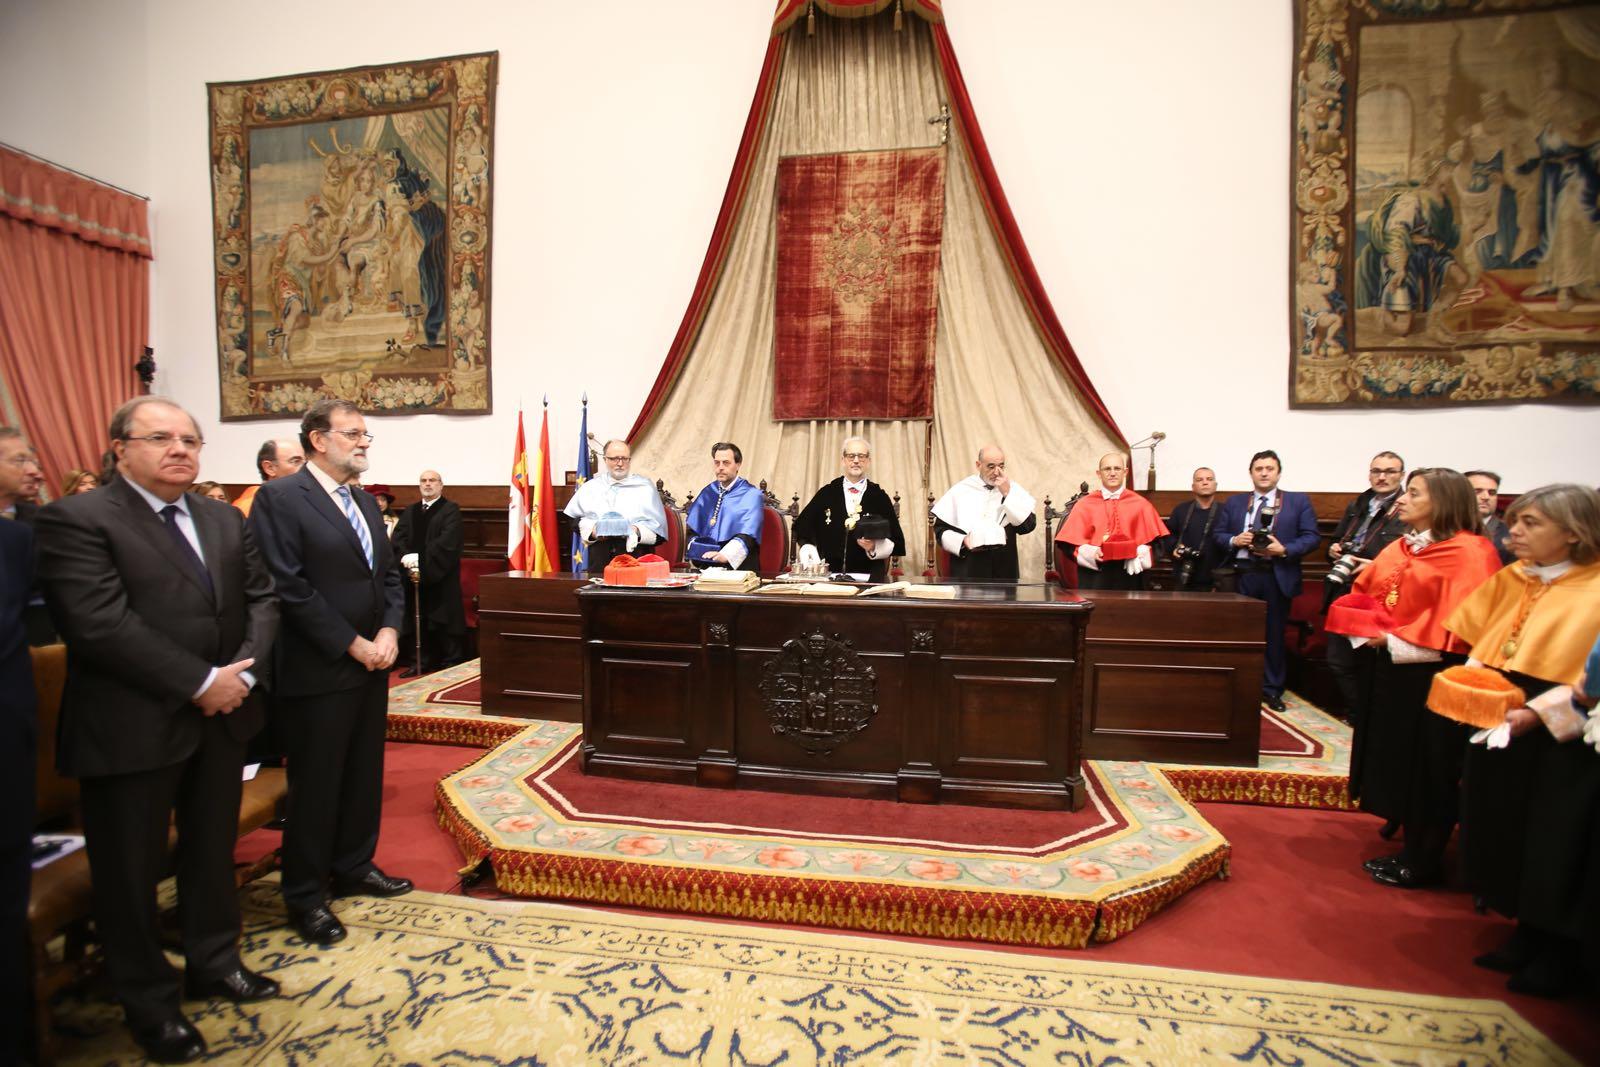 La Universidad de Salamanca inviste doctores honoris causa al presidente de la Comisión Europea, Jean Claude Juncker, y al excomisario de Asuntos Sociales, Educación y Cultura, Manuel Marín